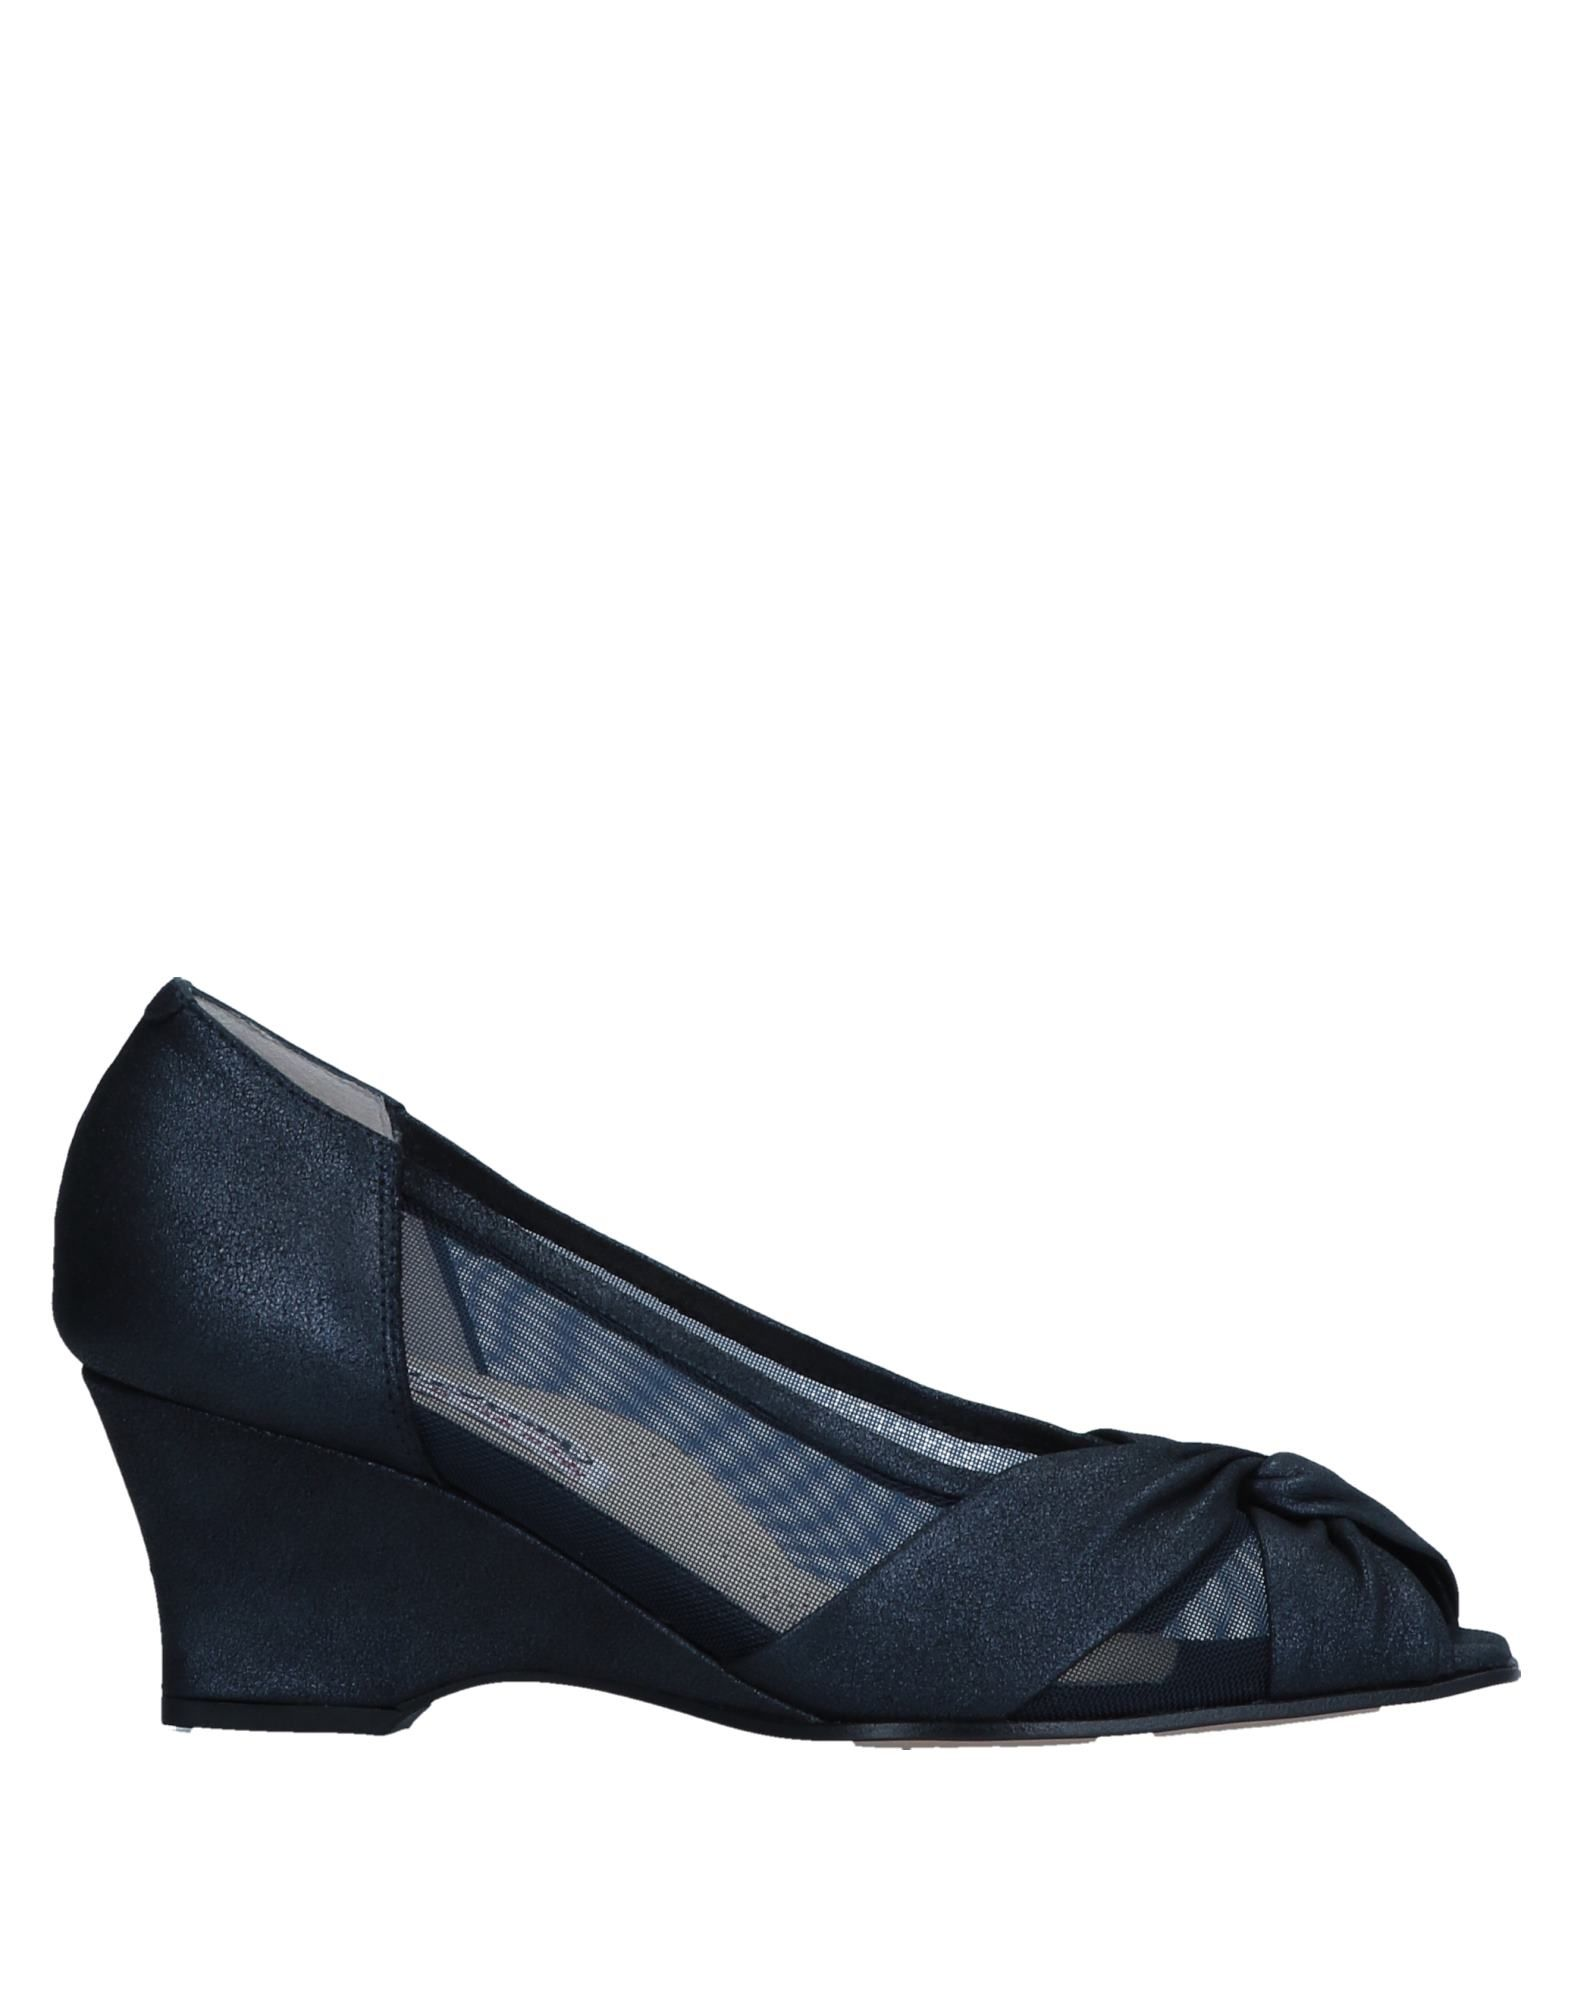 Valleverde Pumps Damen  11547403NL Gute Qualität beliebte Schuhe